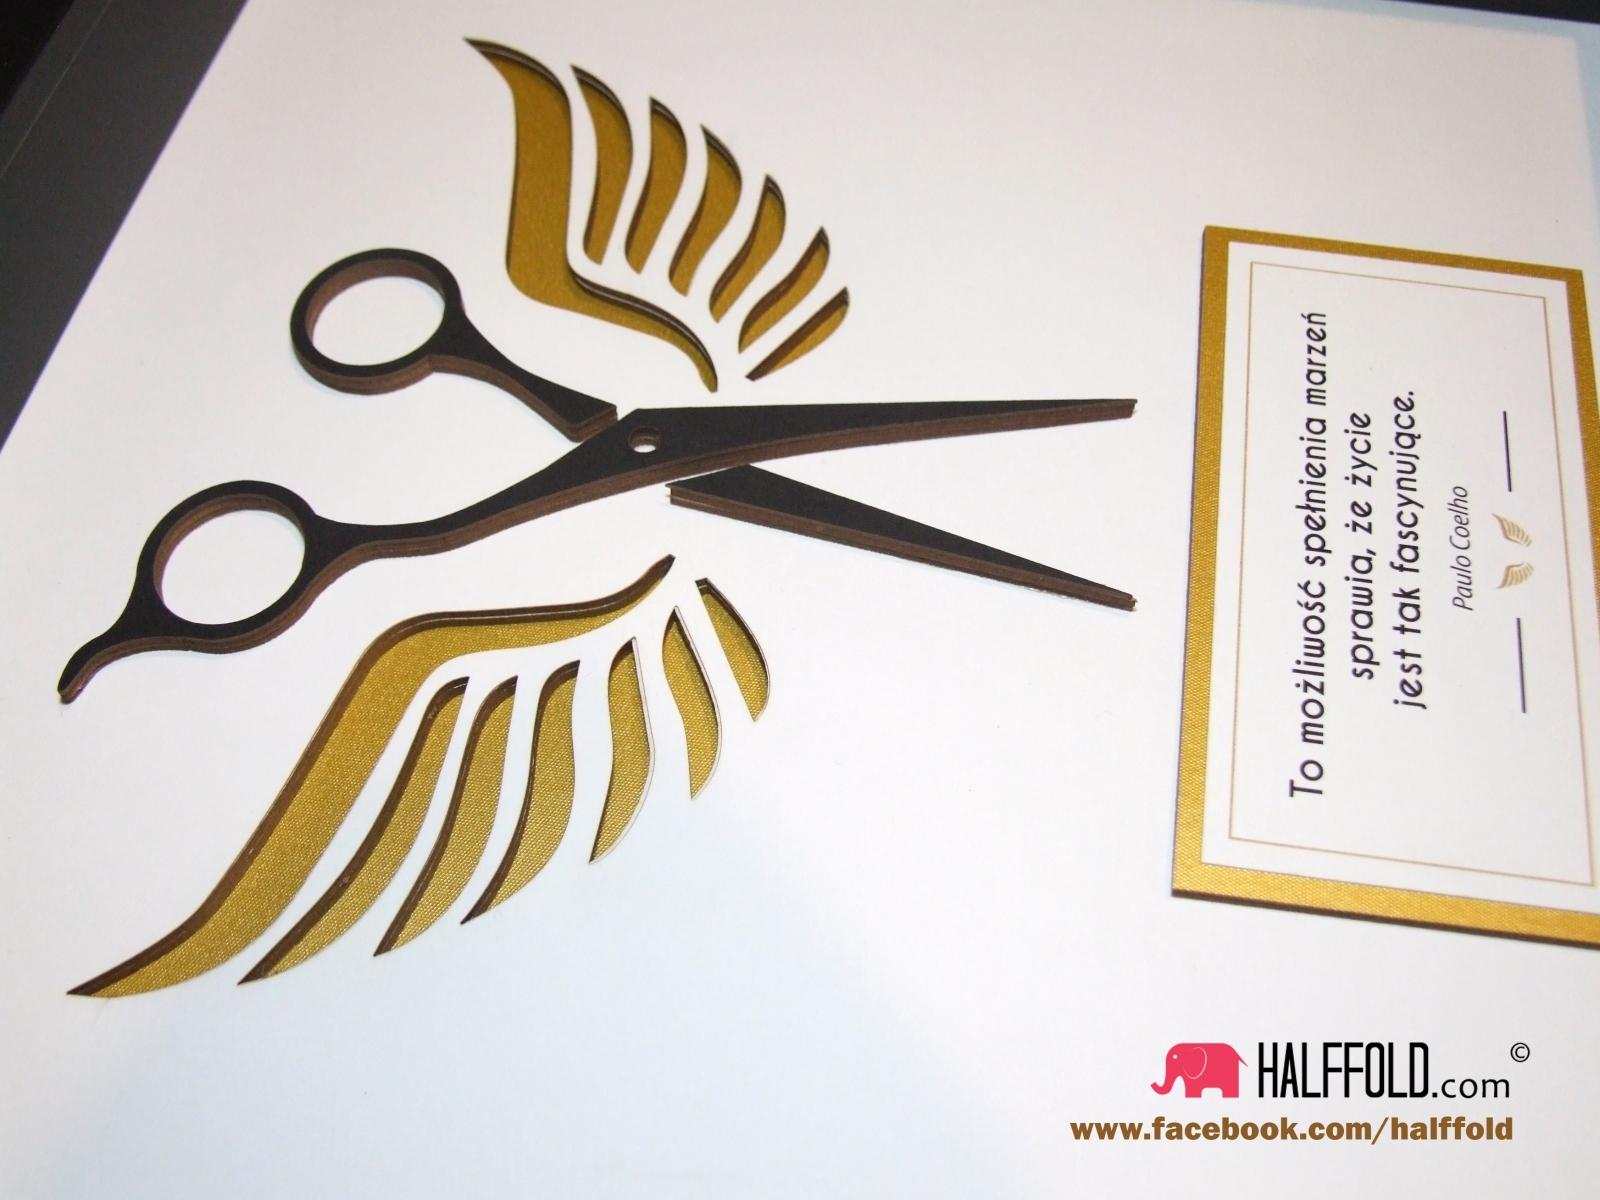 obrazek biznesowy nagroda podziekowanie pracownika prezent szefa fryzjer halffold studio